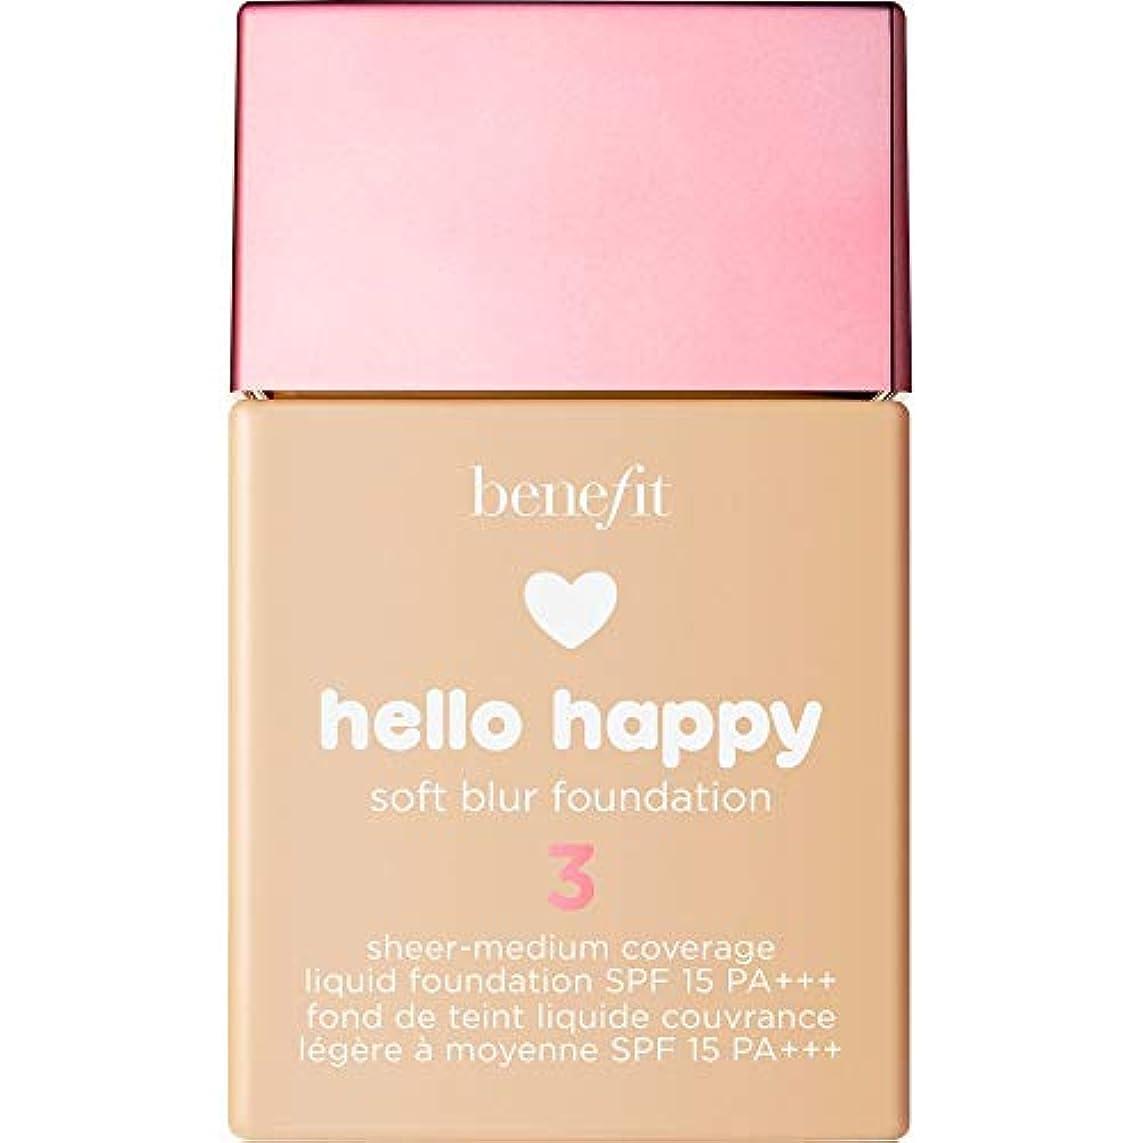 命題首続編[Benefit ] 利益こんにちは幸せなソフトブラー基礎Spf15 30ミリリットル3 - ニュートラルライト - Benefit Hello Happy Soft Blur Foundation SPF15 30ml...